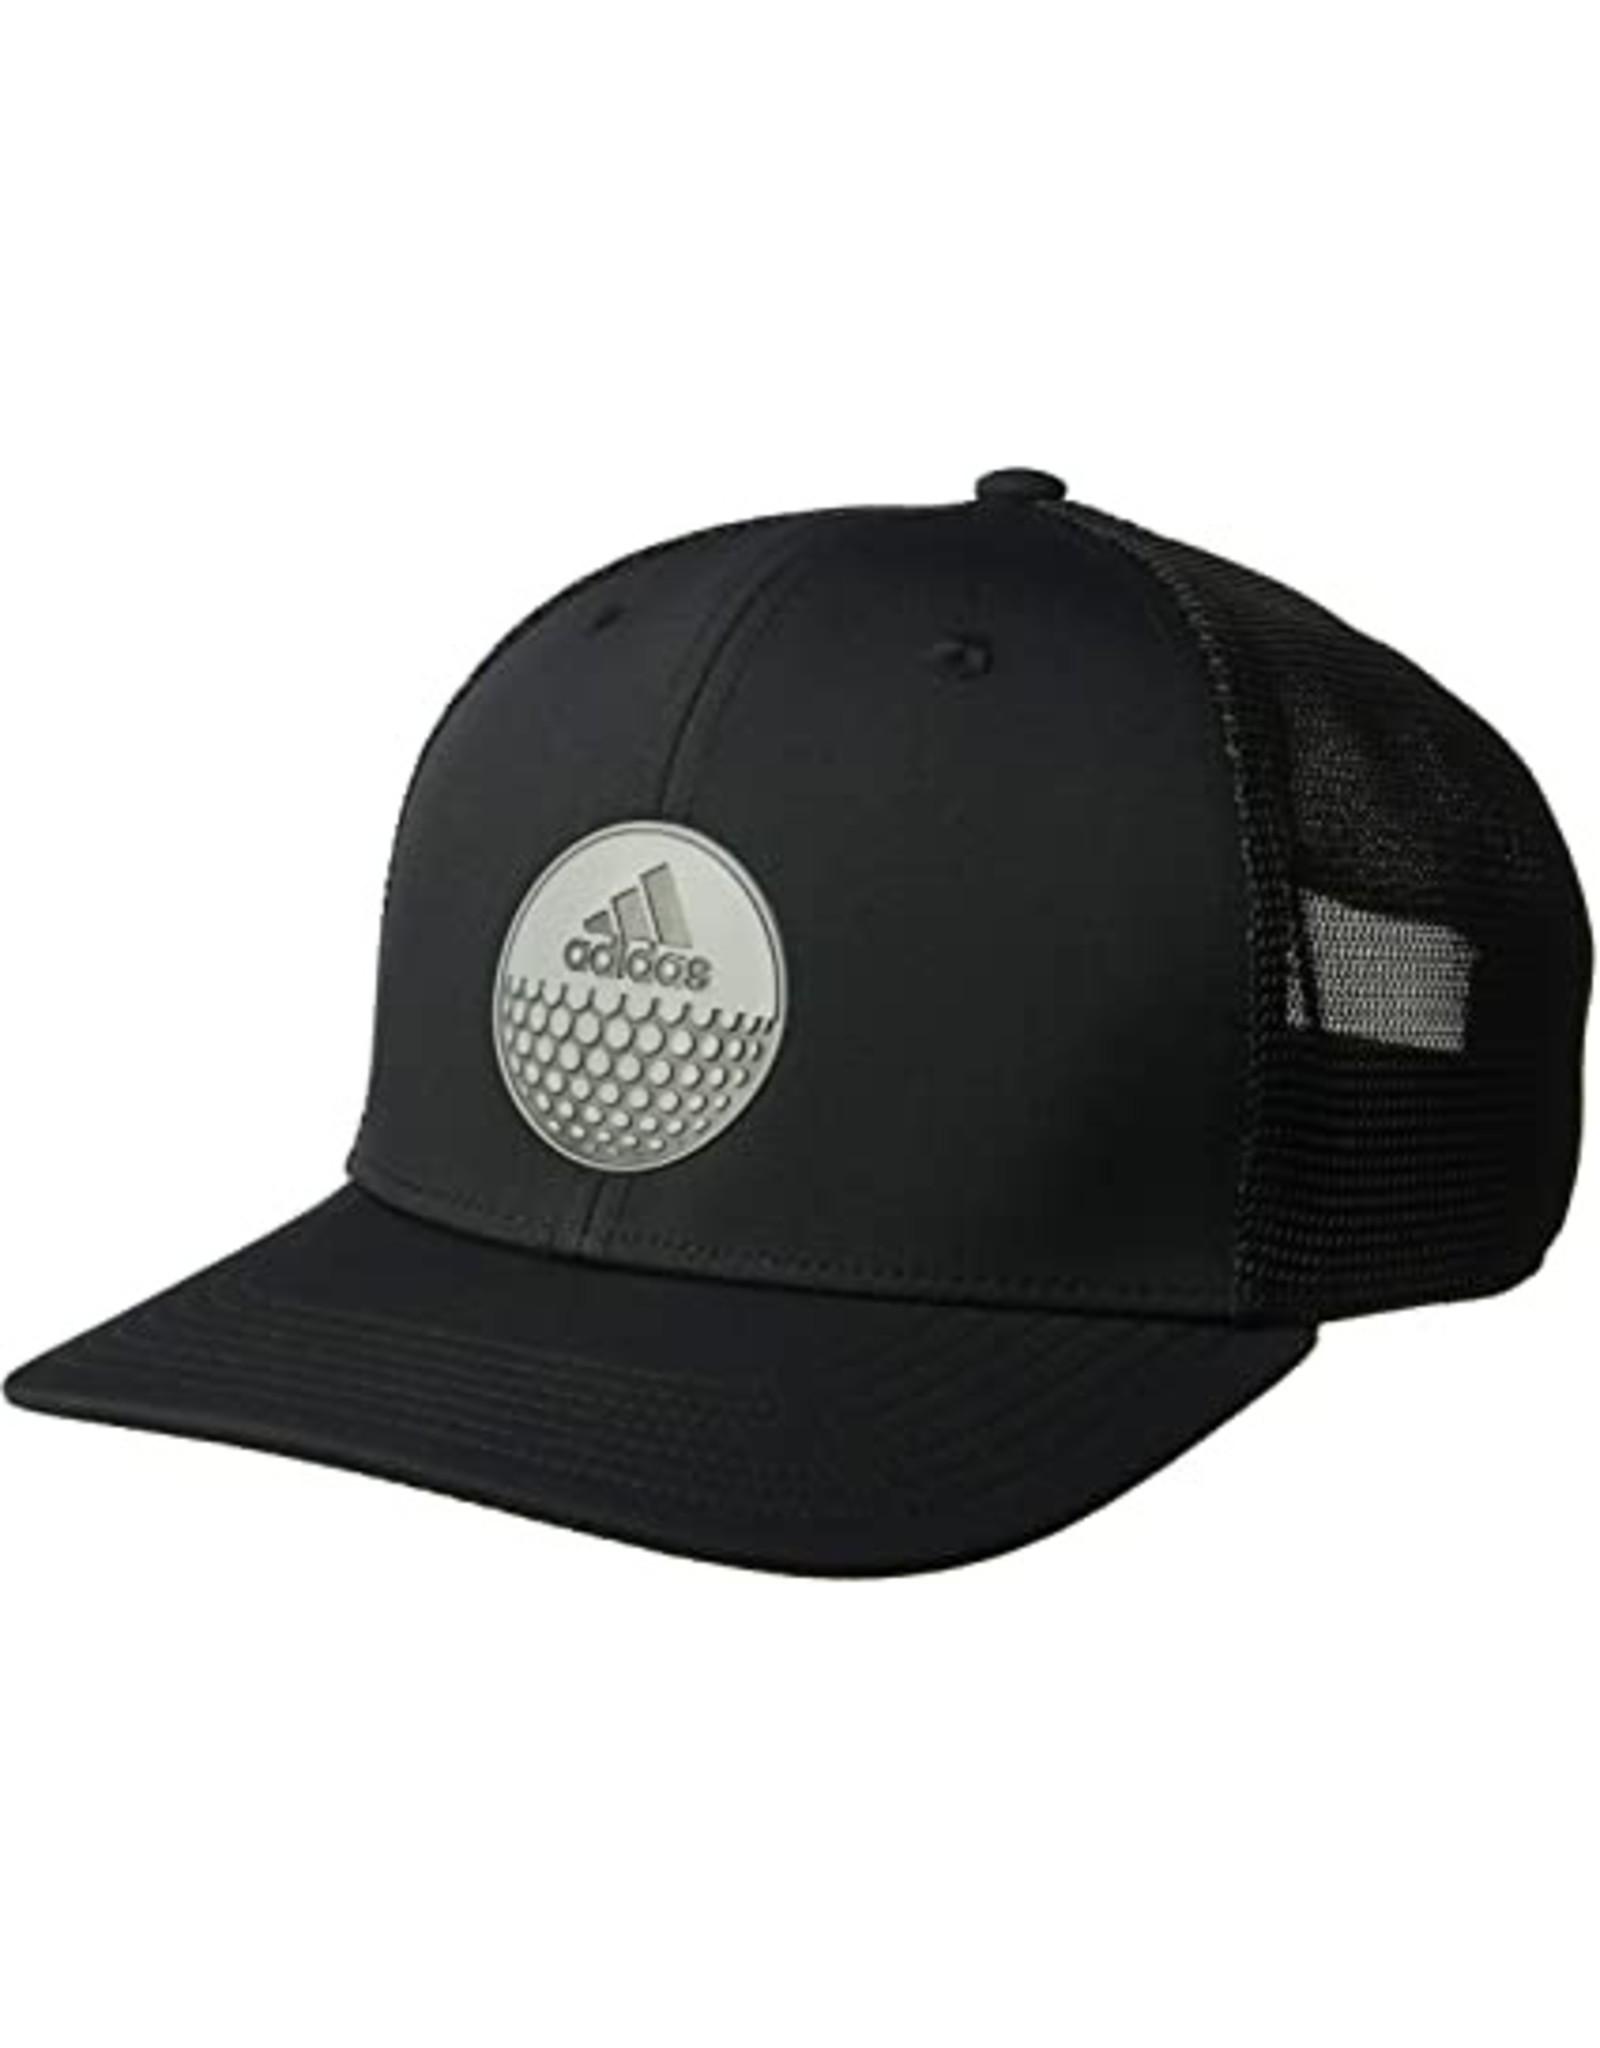 Adidas Adidas Globe Trucker Hat